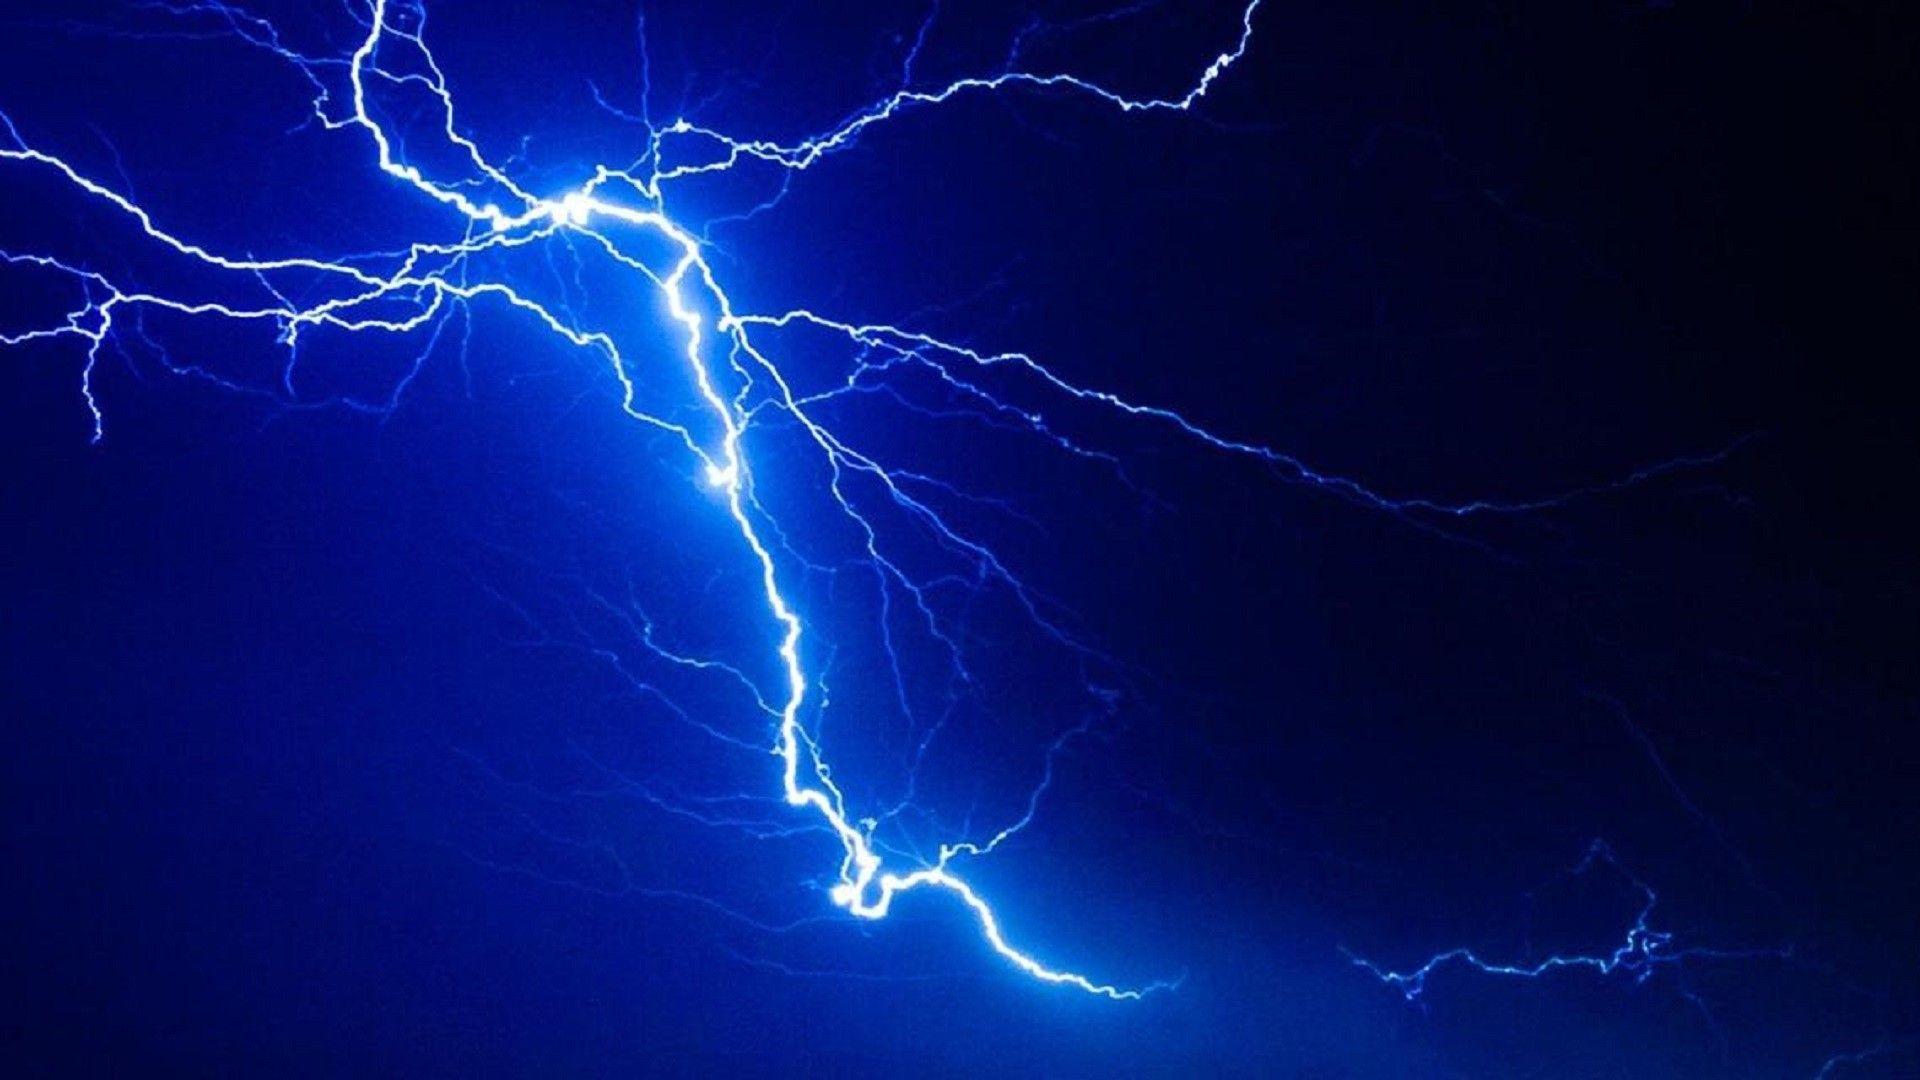 Blue Lightning Wallpaper In 2020 Blue Lightning Purple Lightning Blue Aesthetic